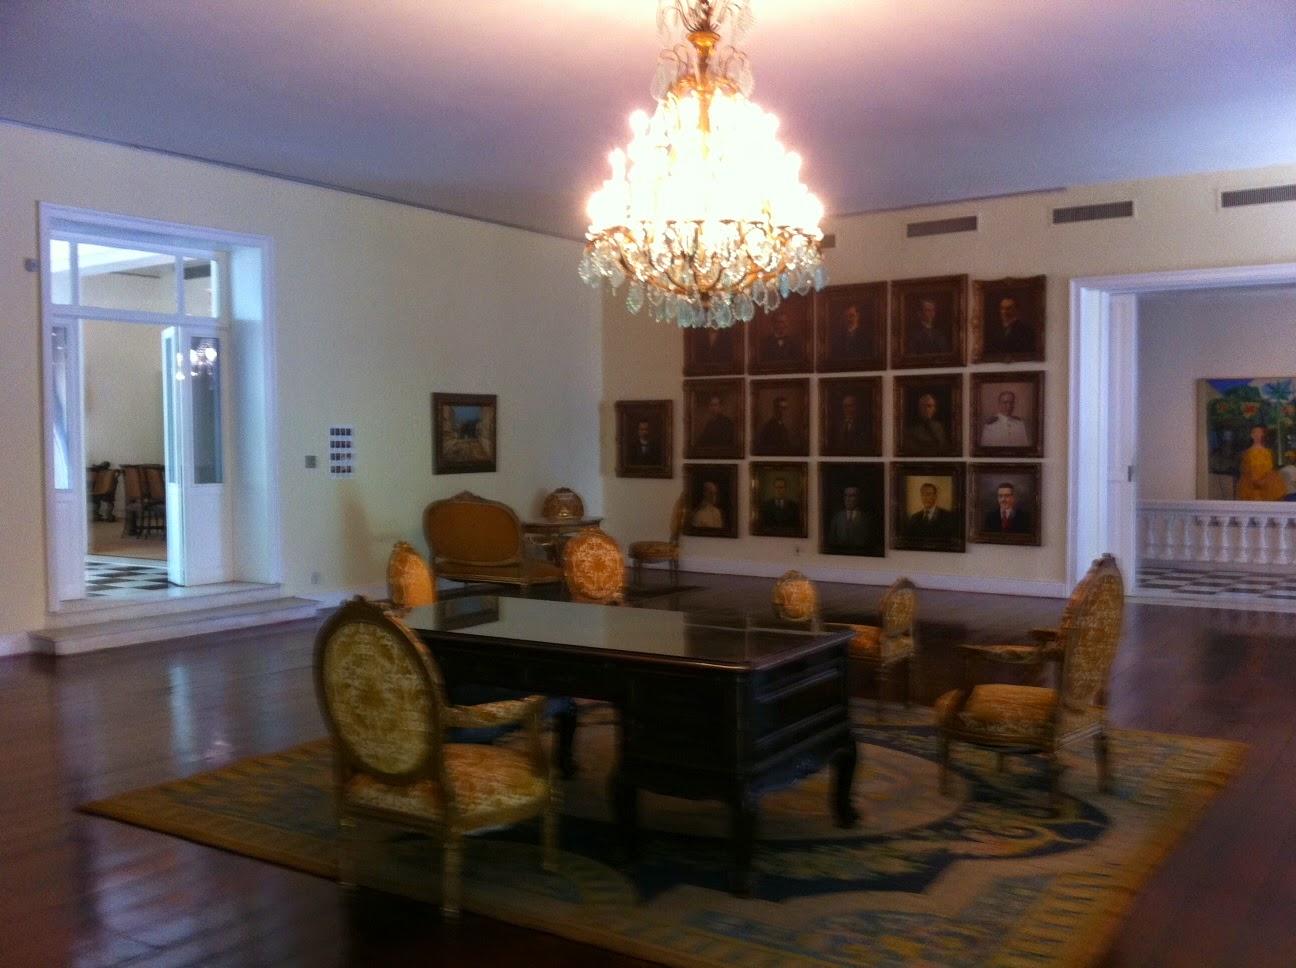 Descrição da foto: um dos salões principais, na parede ao fundo várias pinturas, no centro uma grande mesa de madeira escura com cadeiras estofadas em volta, um grande tapete no chão. No teto um candelabro de cristal.